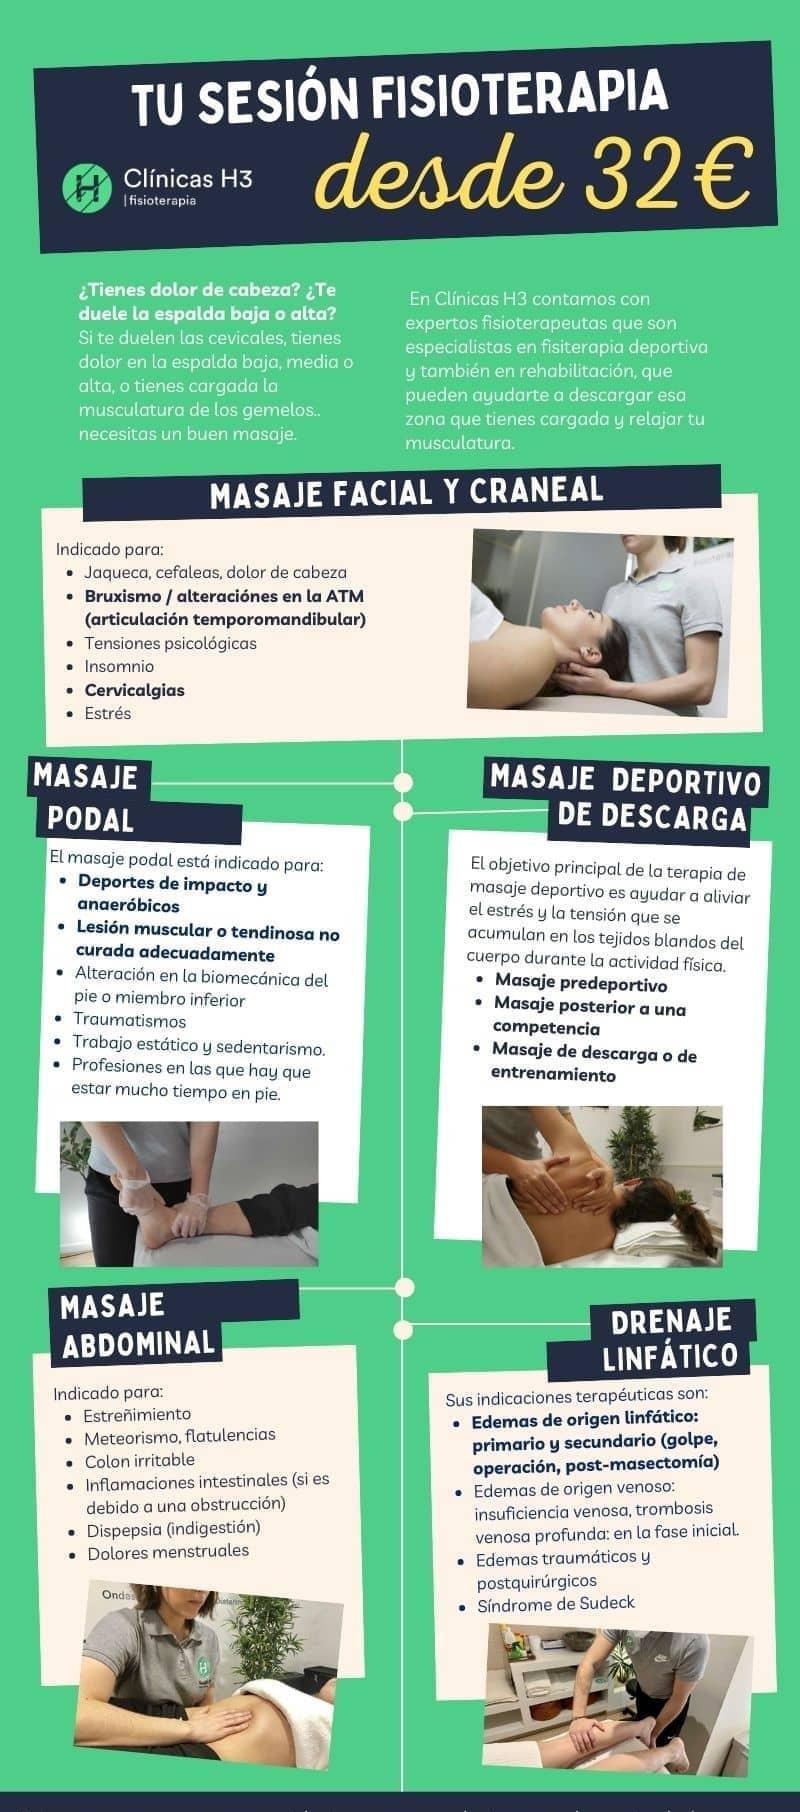 Fisioterapeuta barato Madrid en Clínicas H3. Masajes baratos en Madrid